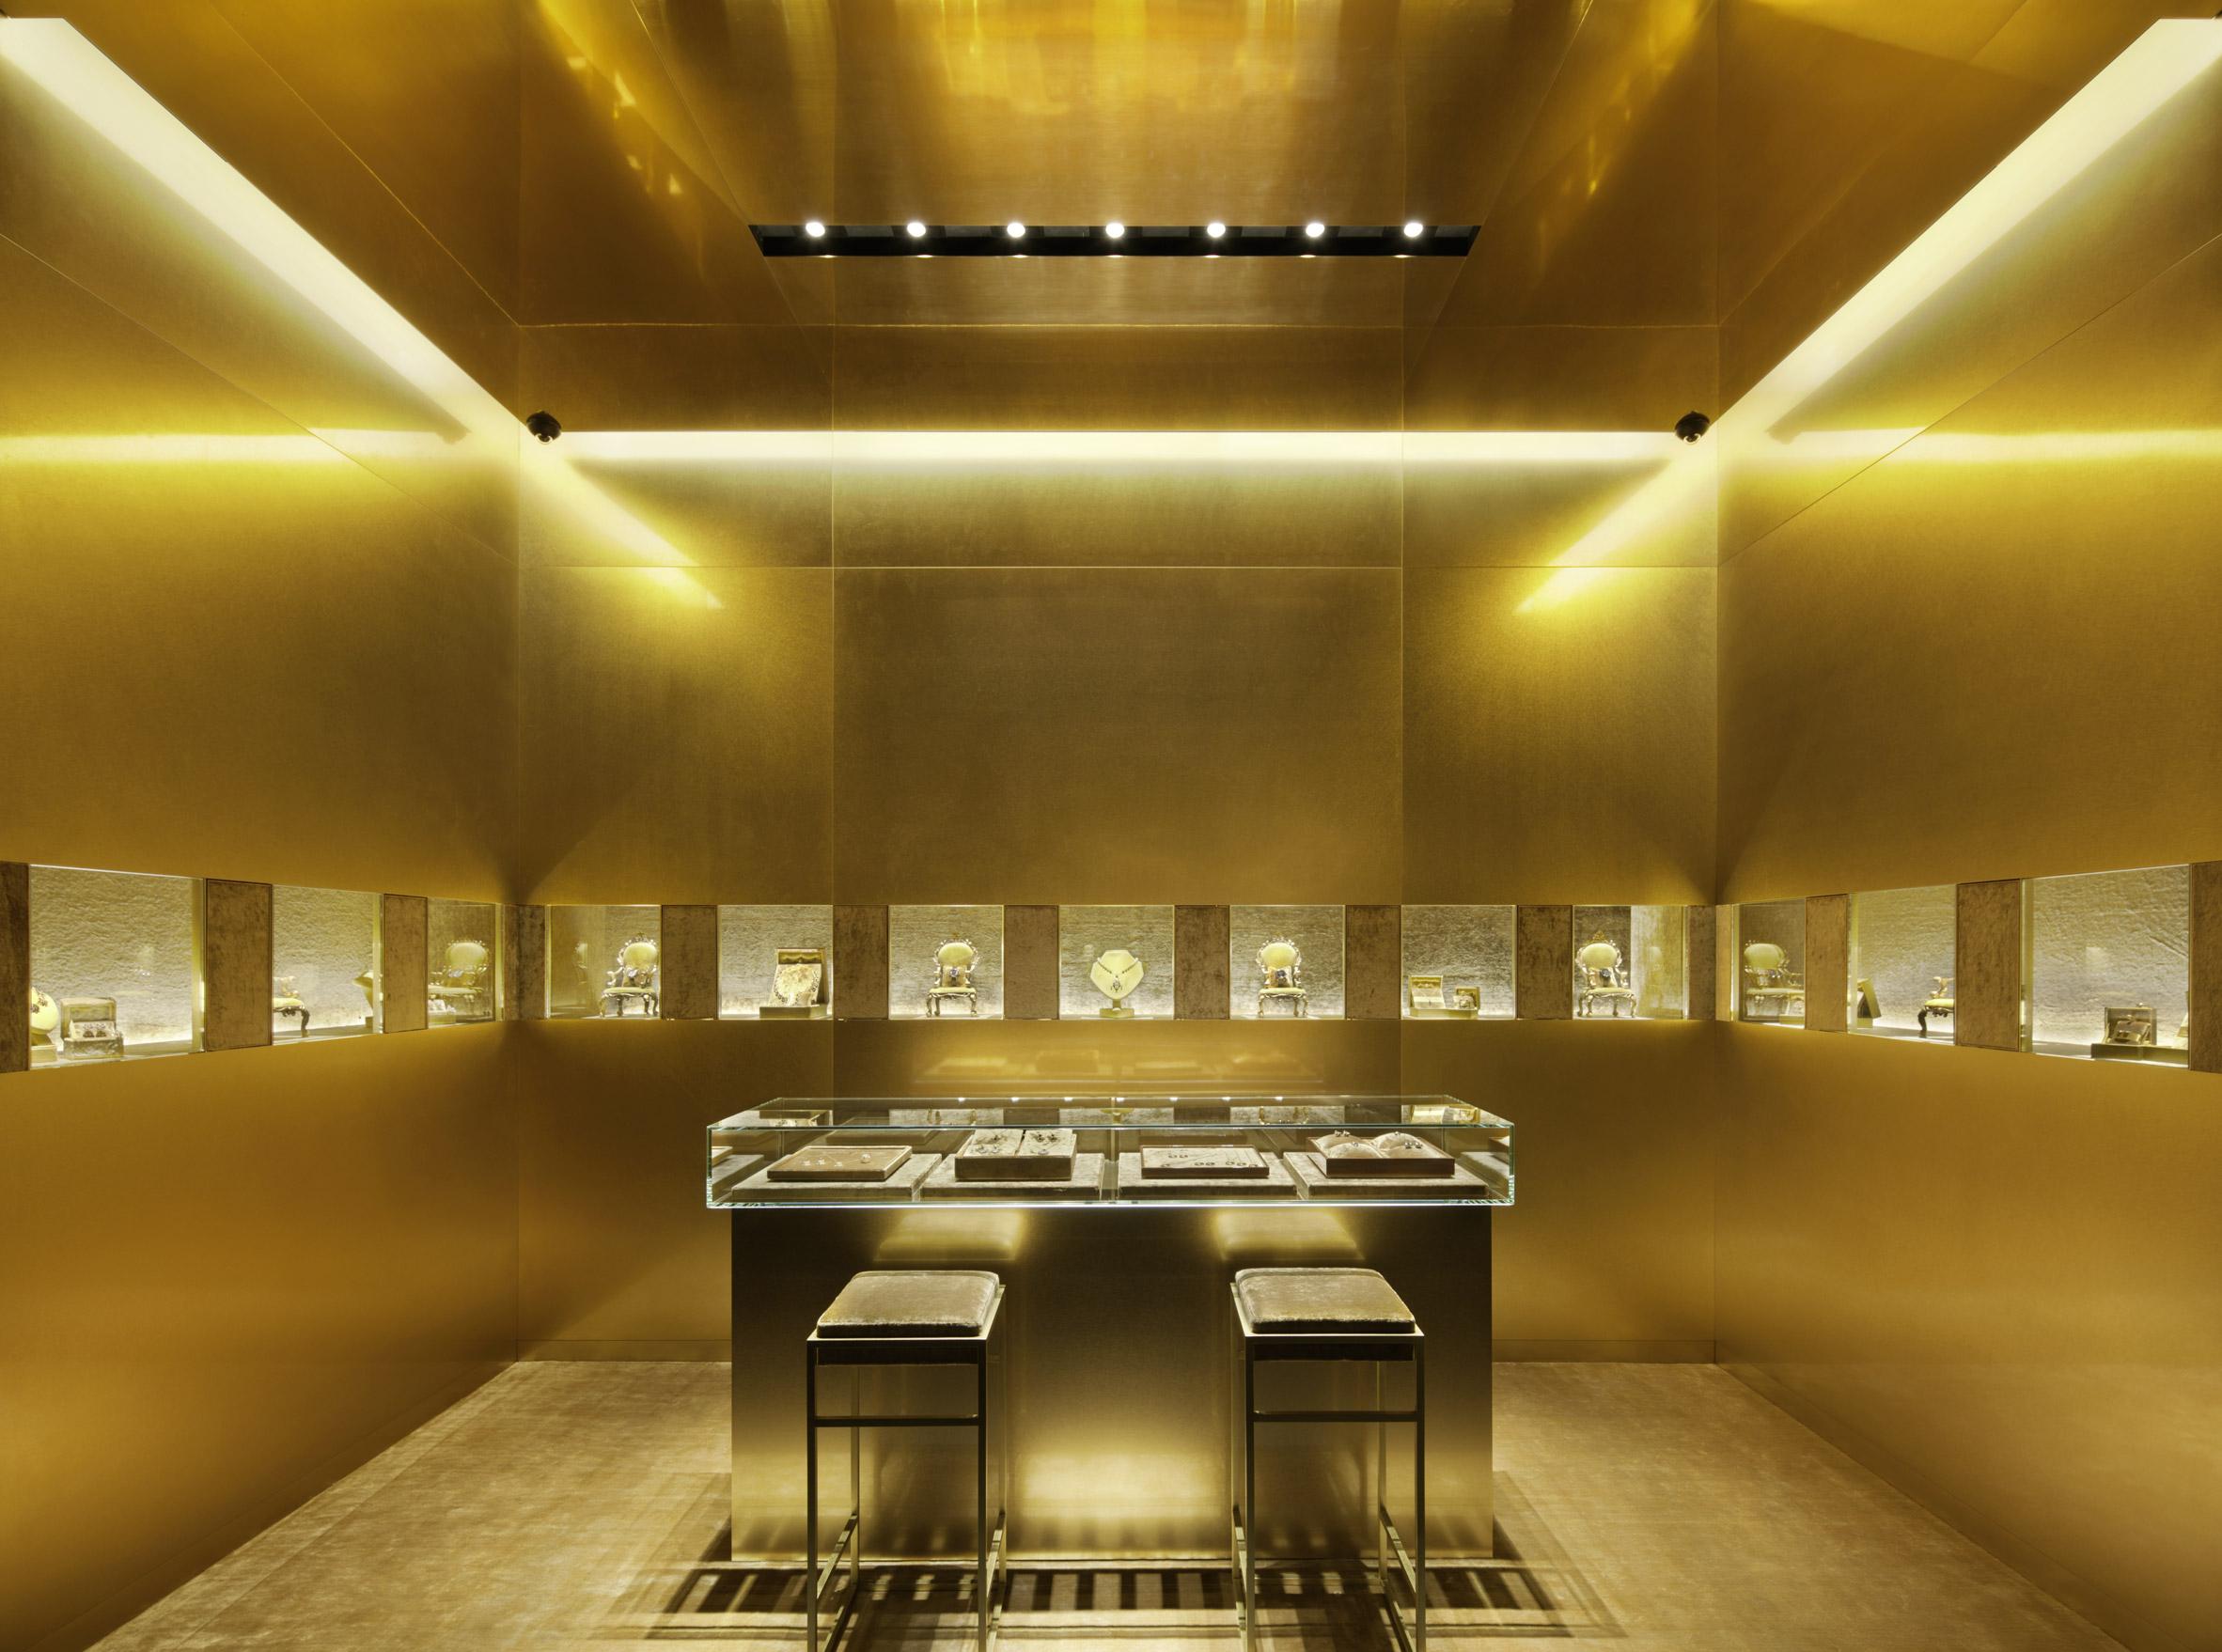 architecture_dolceandgabbana_tokyo_design_studia_interiors_osnovadesign_osnova_poltava_04